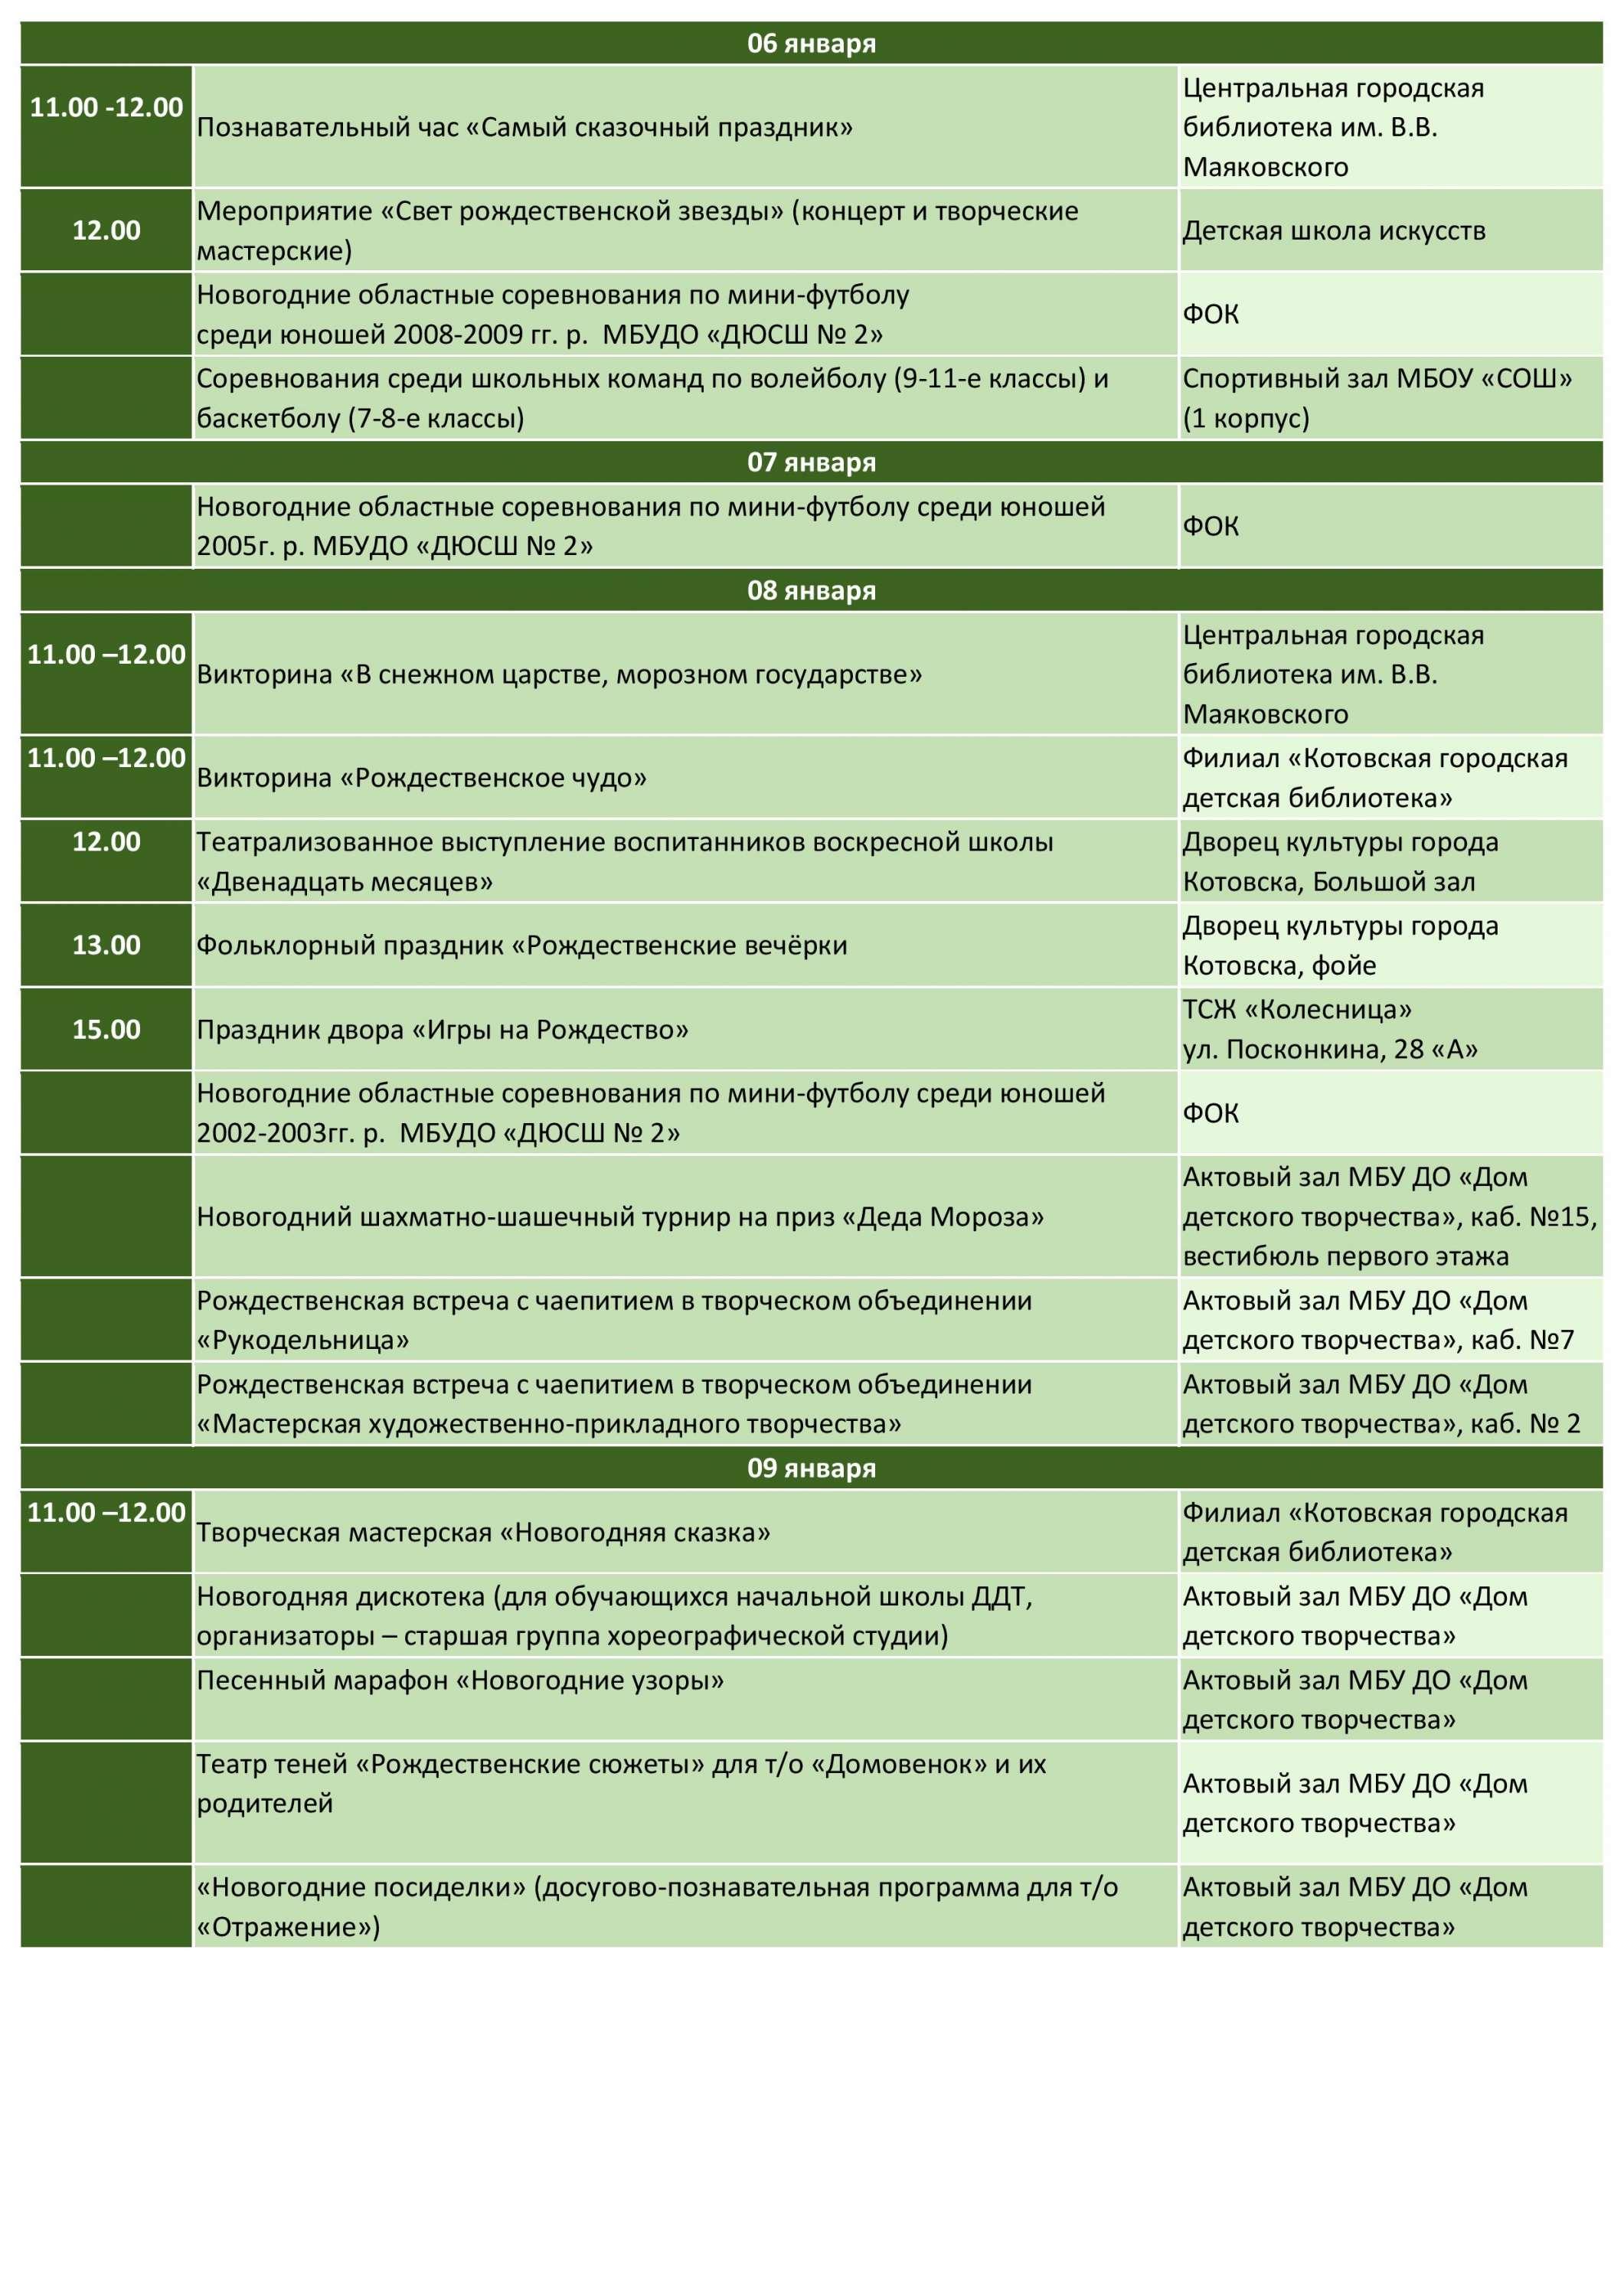 Полный список новогодних мероприятий в Котовске